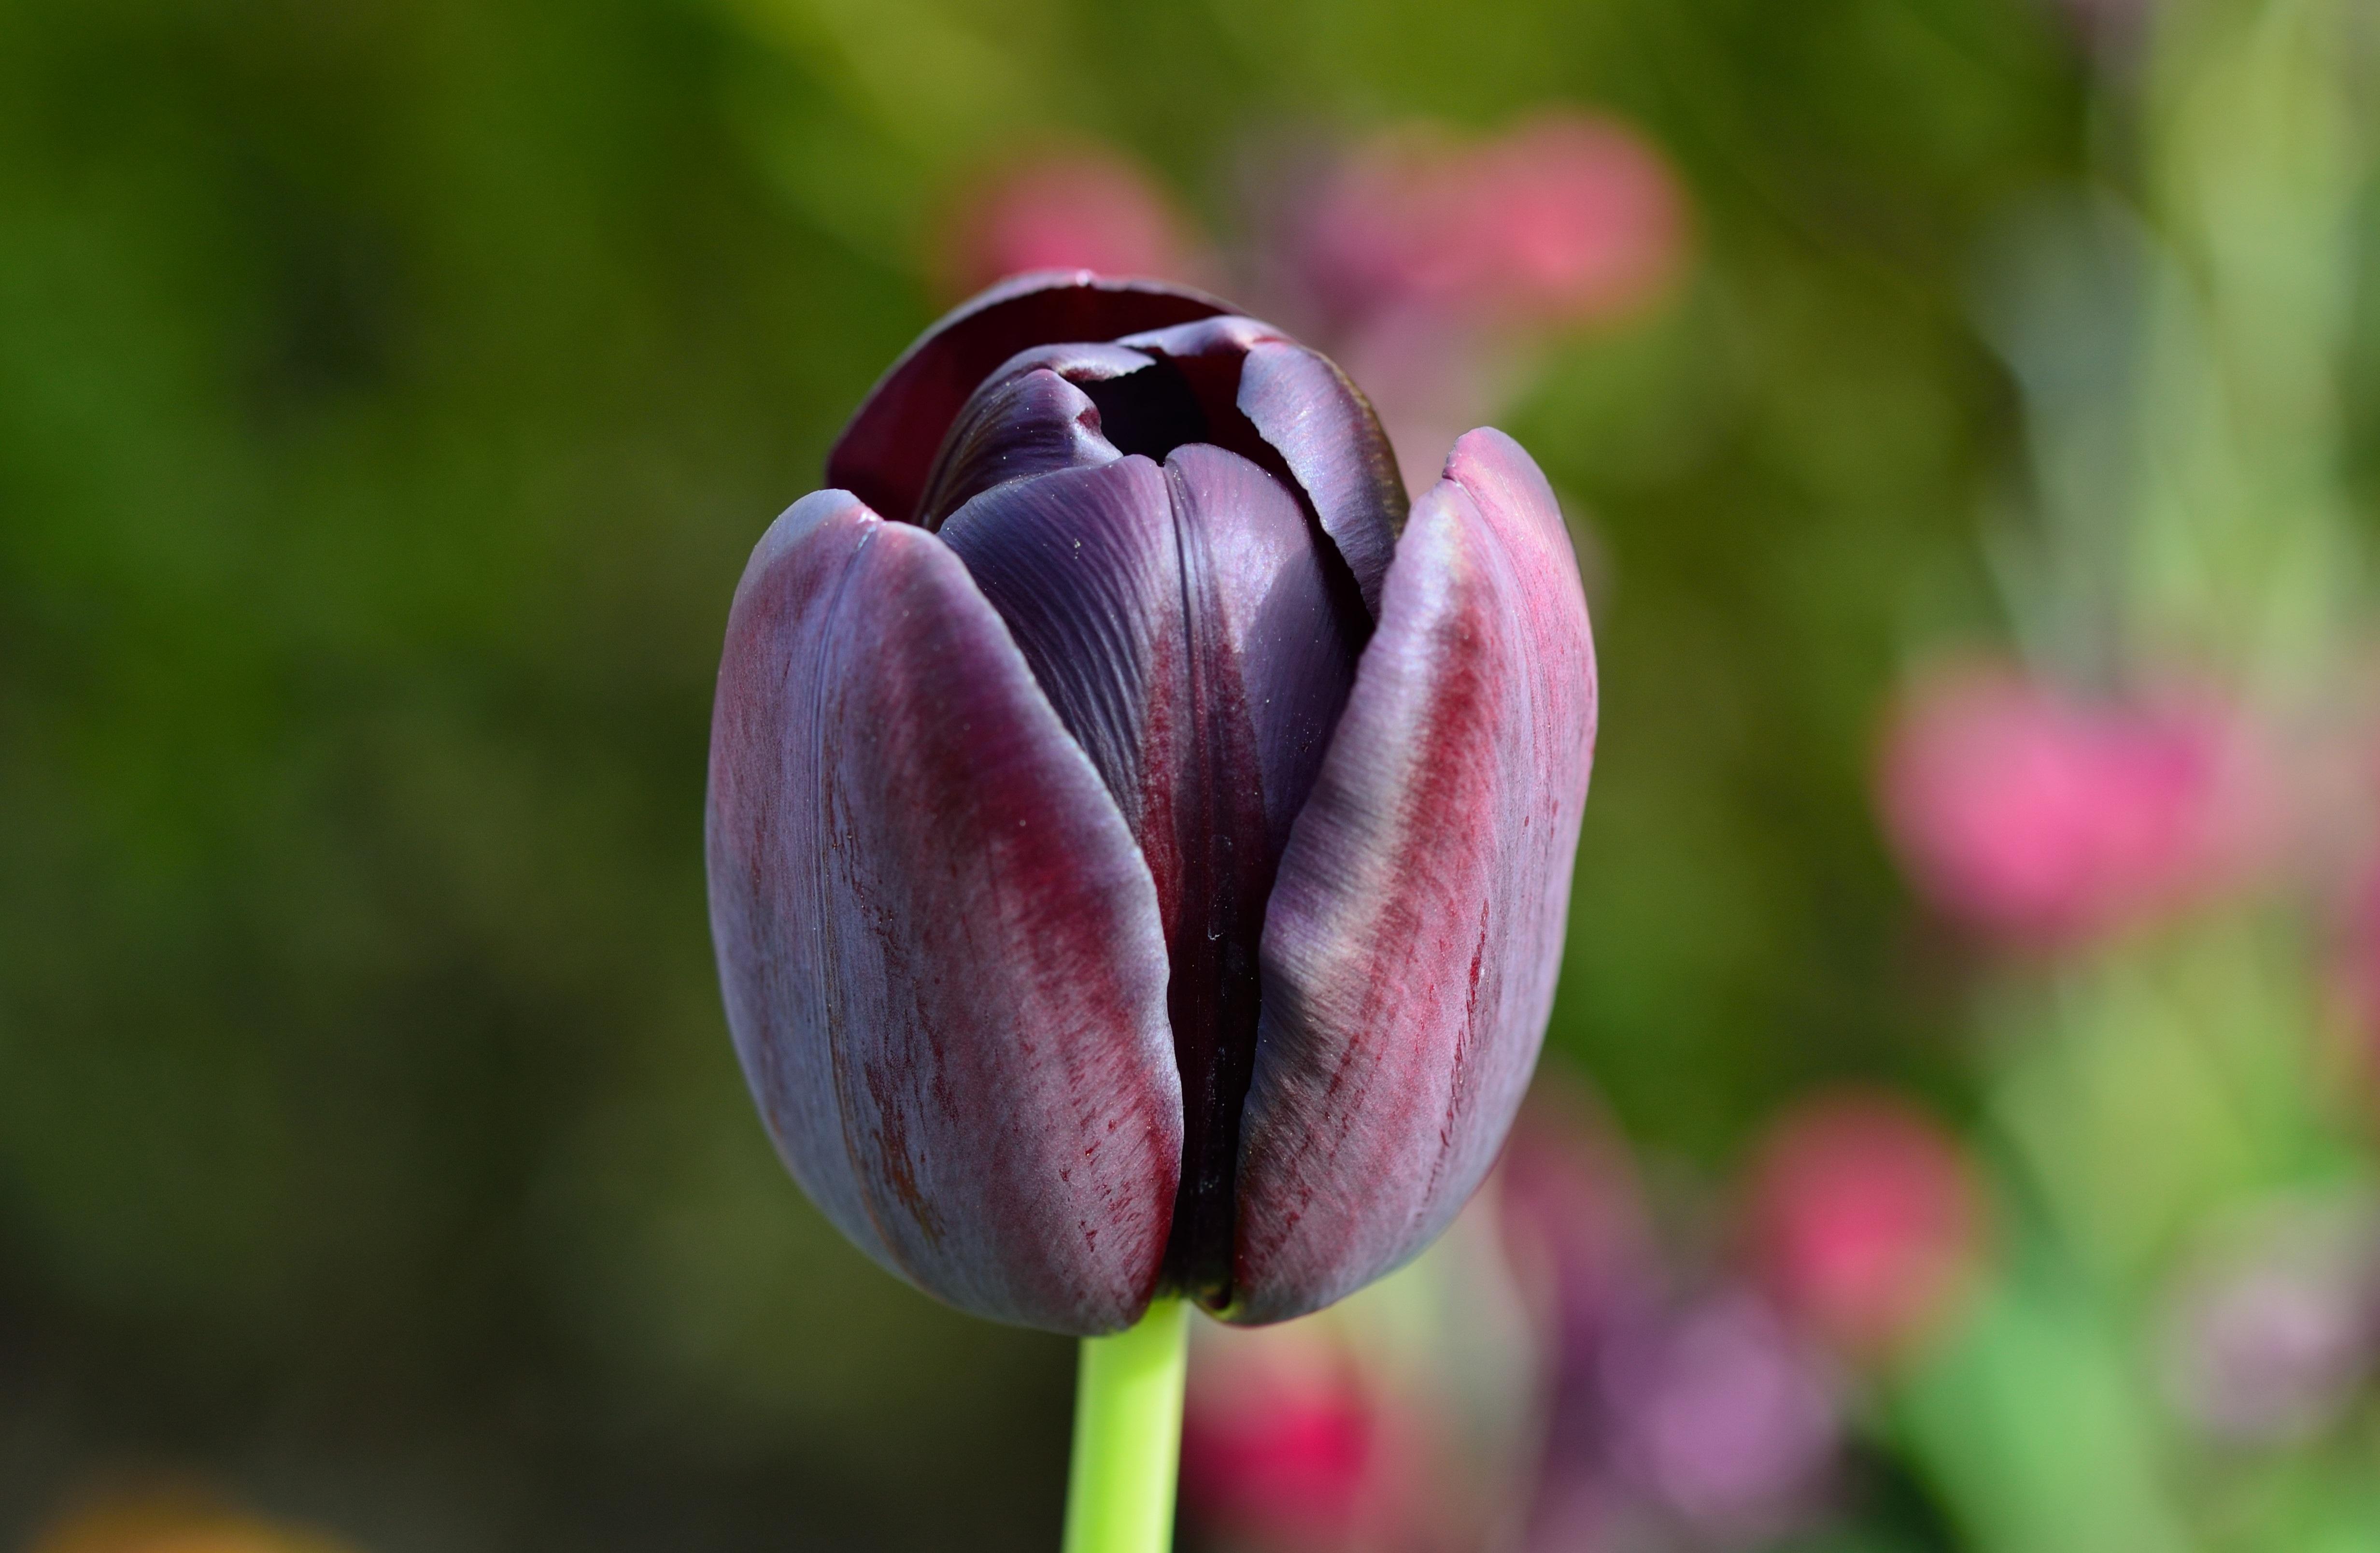 начала цветок тюльпана крупным планом фото заслуженной тебя победой